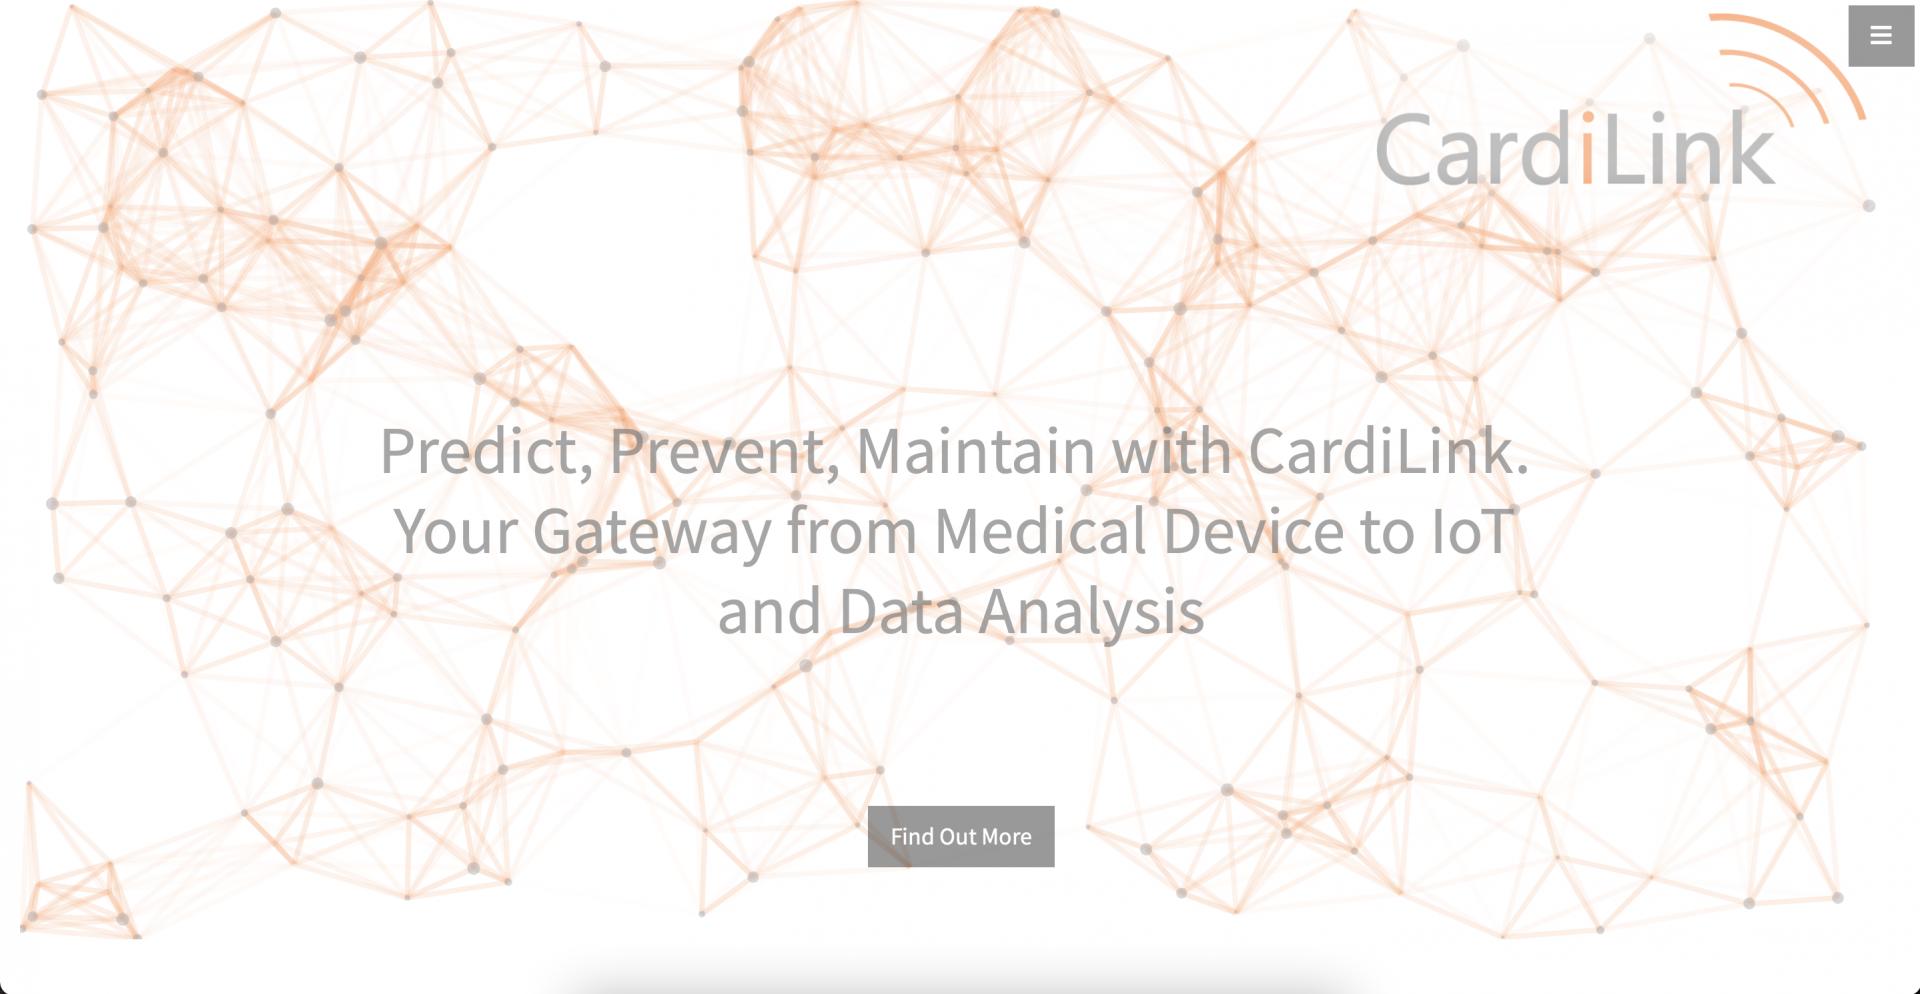 Digital Health Leader CardiLink schließt Finanzierungsrunde